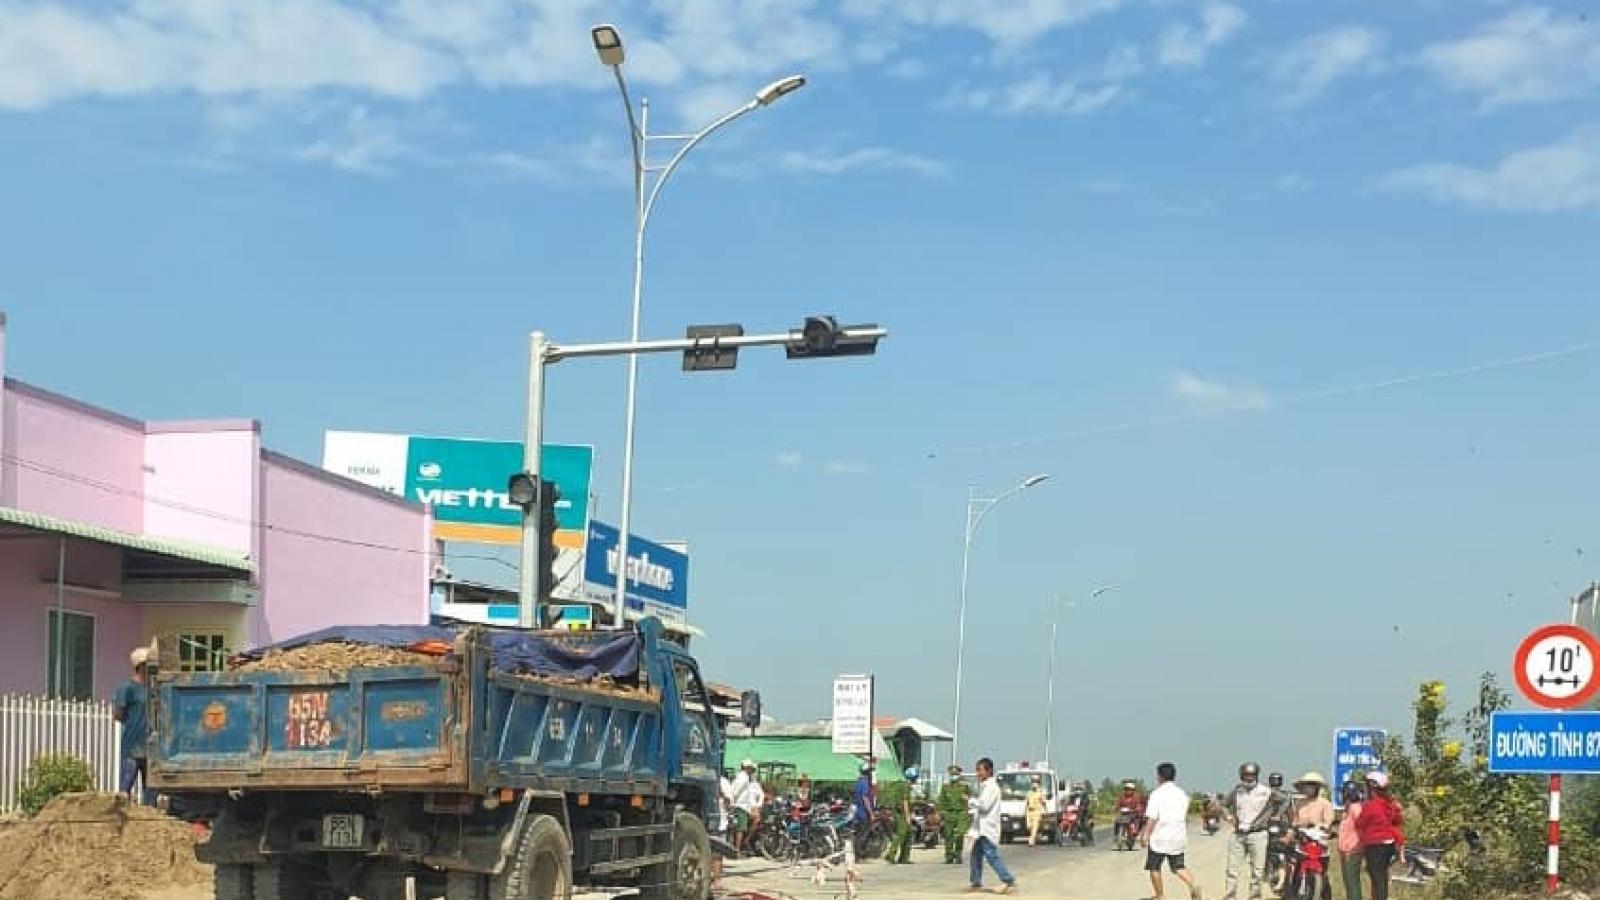 Ô tô tảitông vào xe gắn máylàm 2 người thương vong